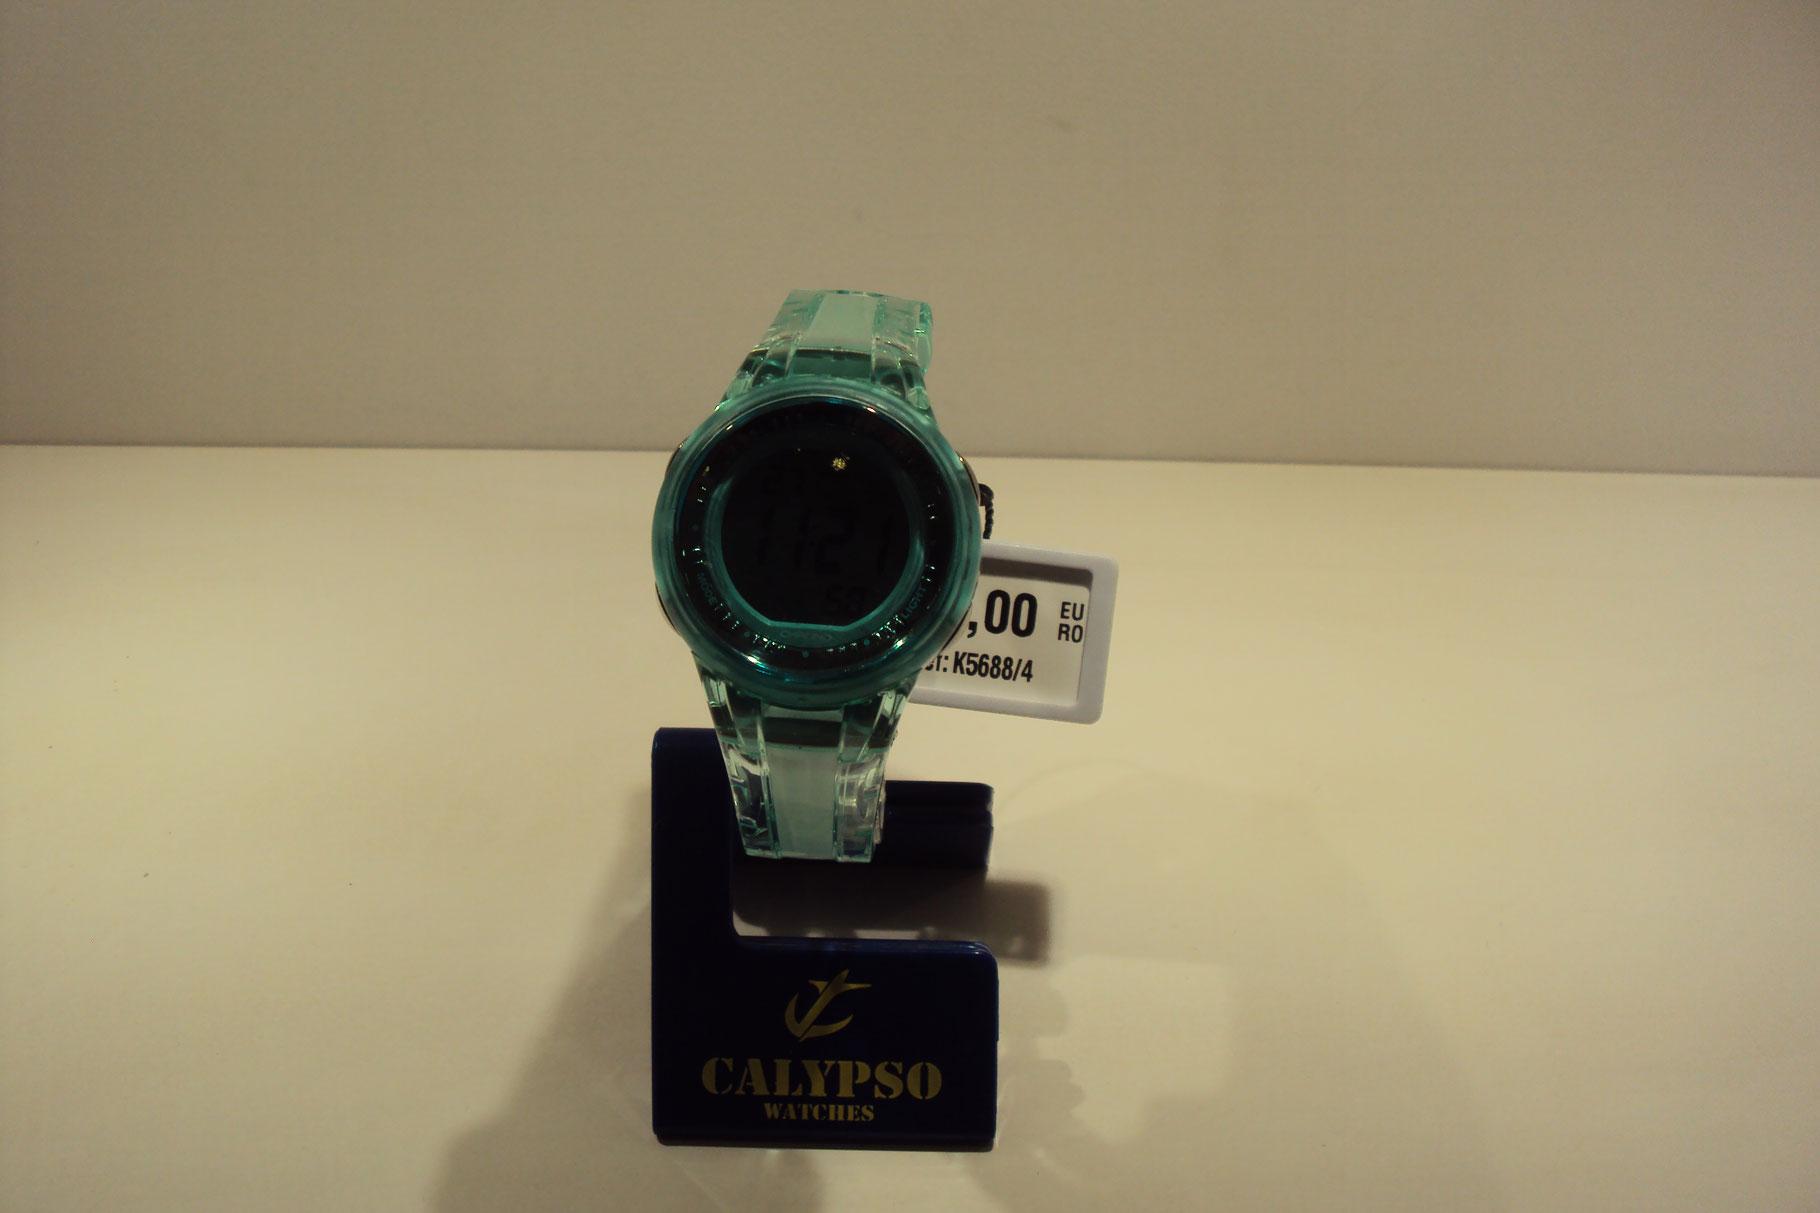 Reloj mujer correa verde digital.29€